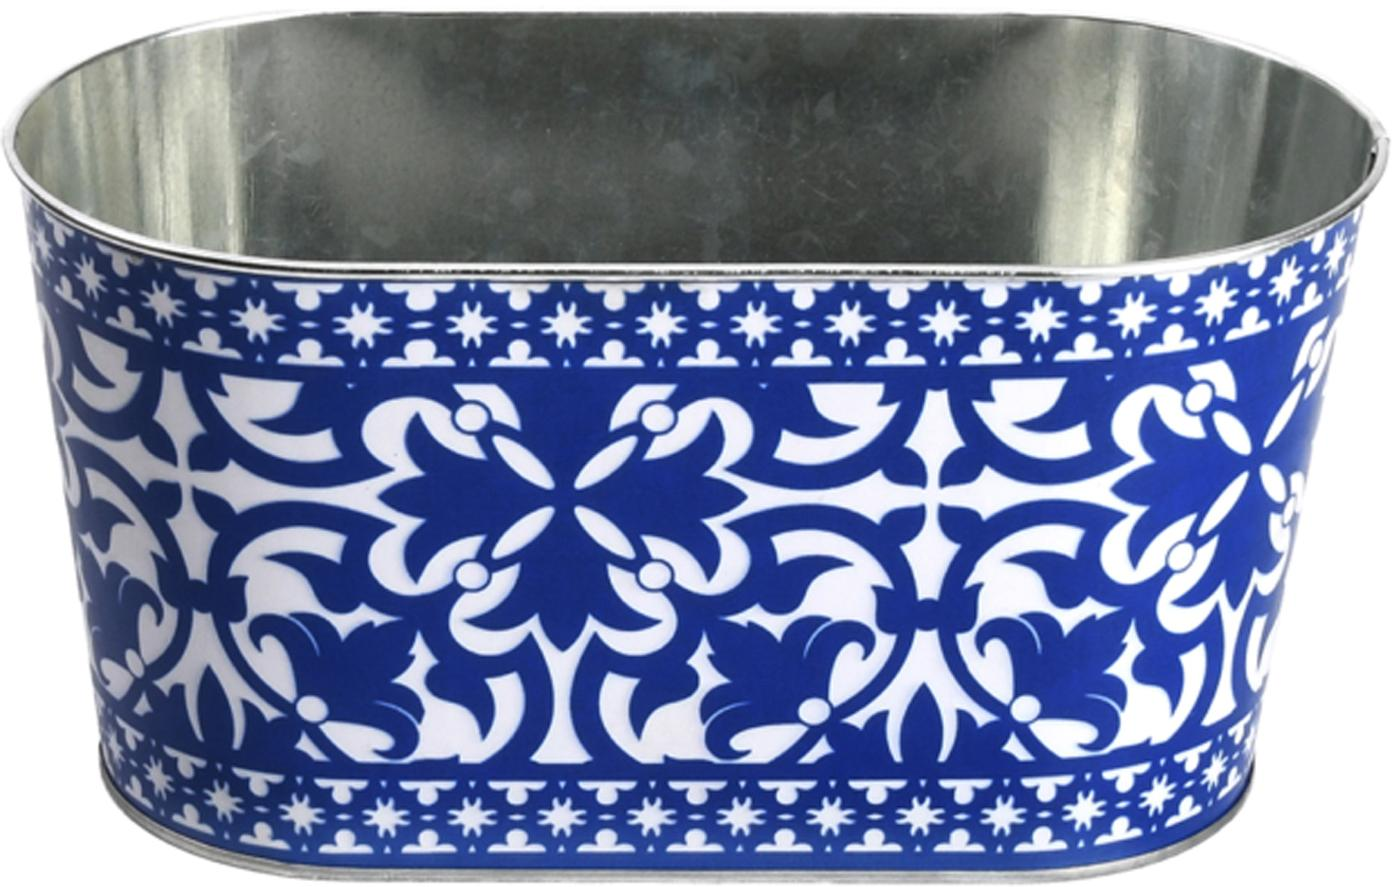 Grote plantenpot Barcelona van metaal, Metaal, Blauw, wit, 23 x 12 cm